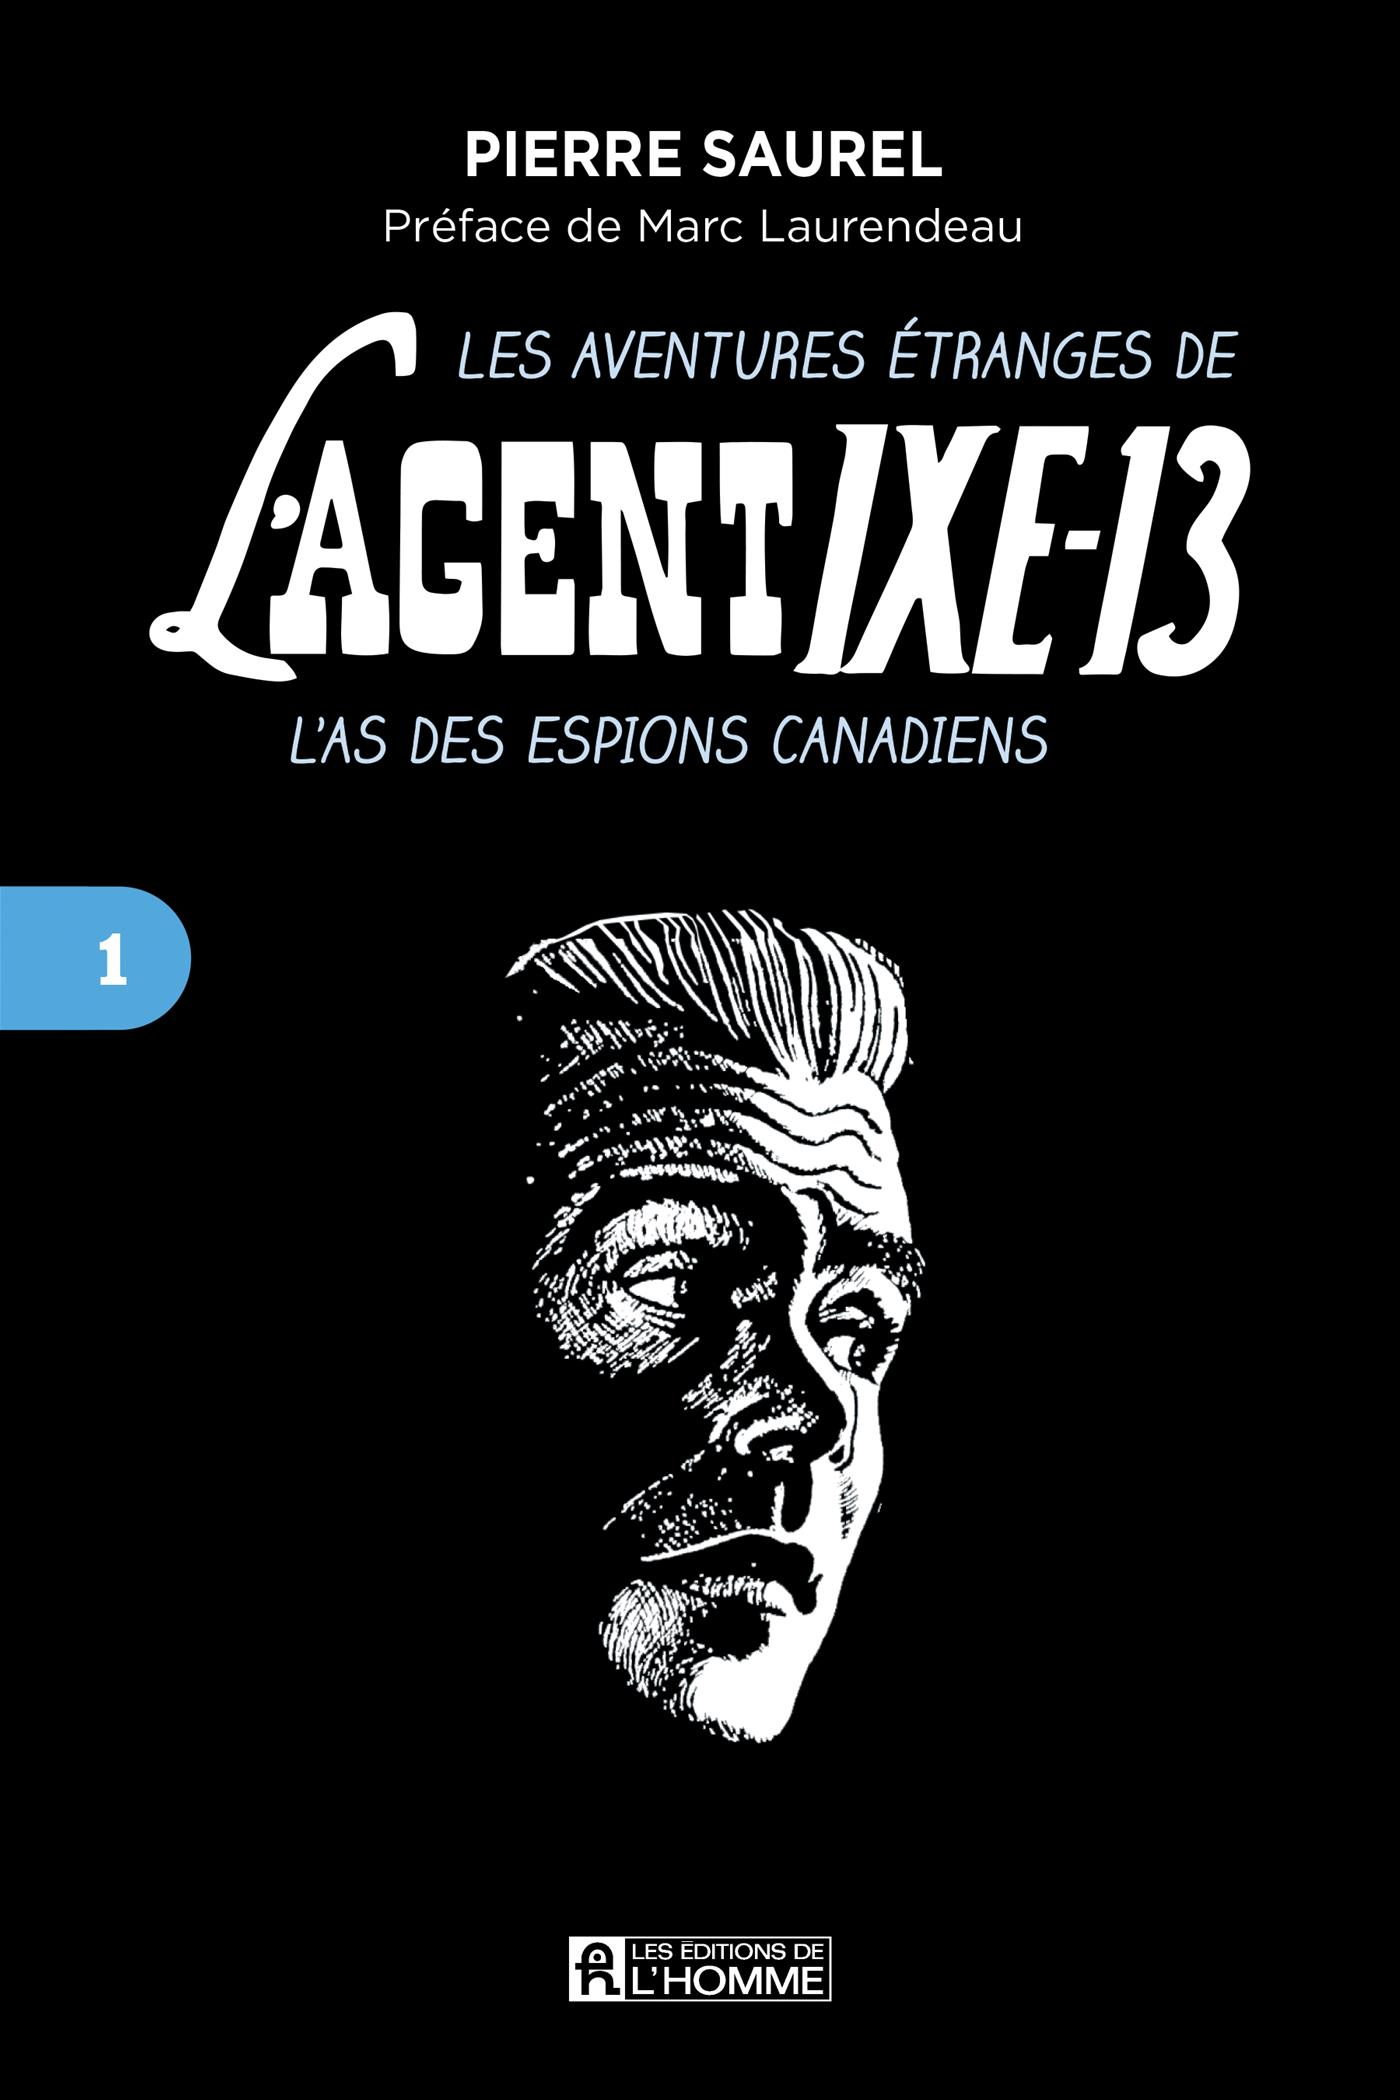 Image de couverture (aventures étranges de l'agent IXE-13 L'as des espions canadiens, tome 1)